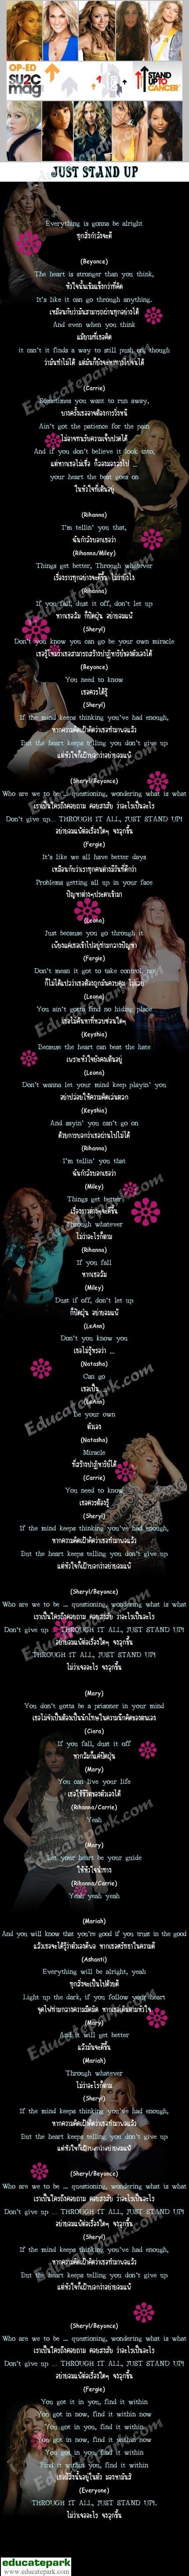 แปลเพลง Just Stand Up - various artists